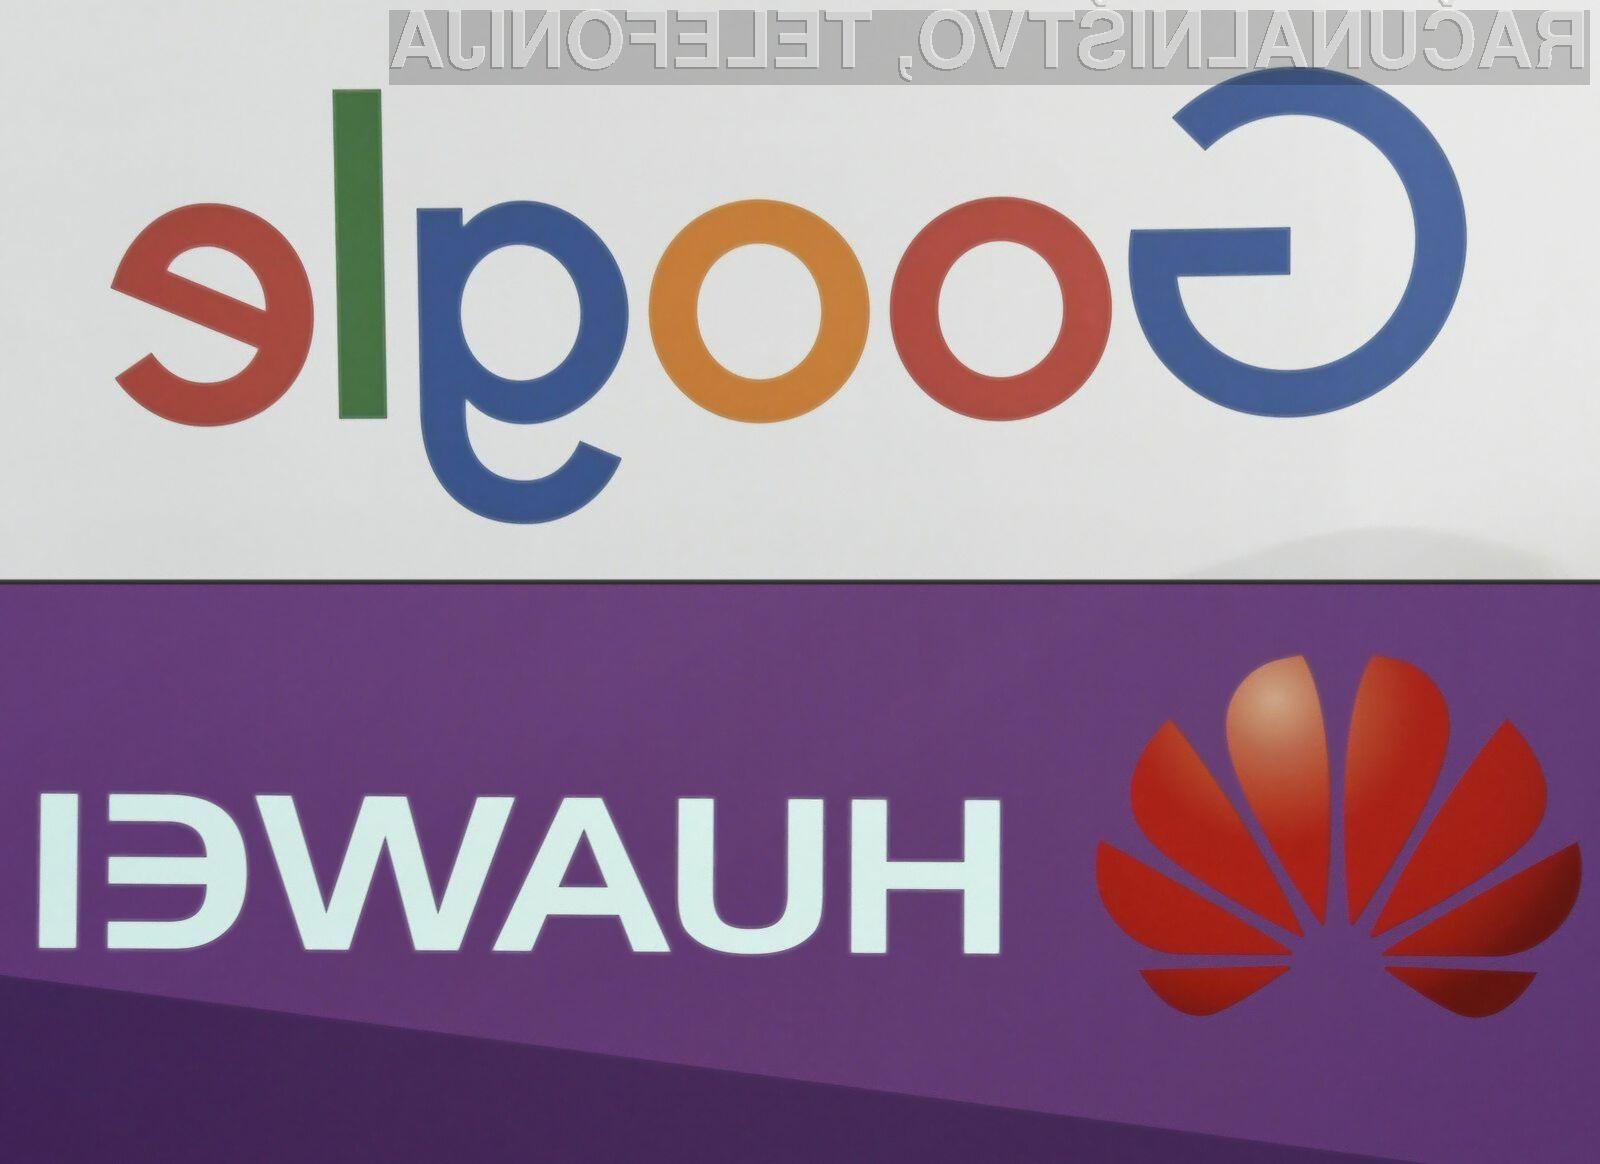 Američani so omilili sankcije za podjetje Huawei za naslednjih 90 dni.